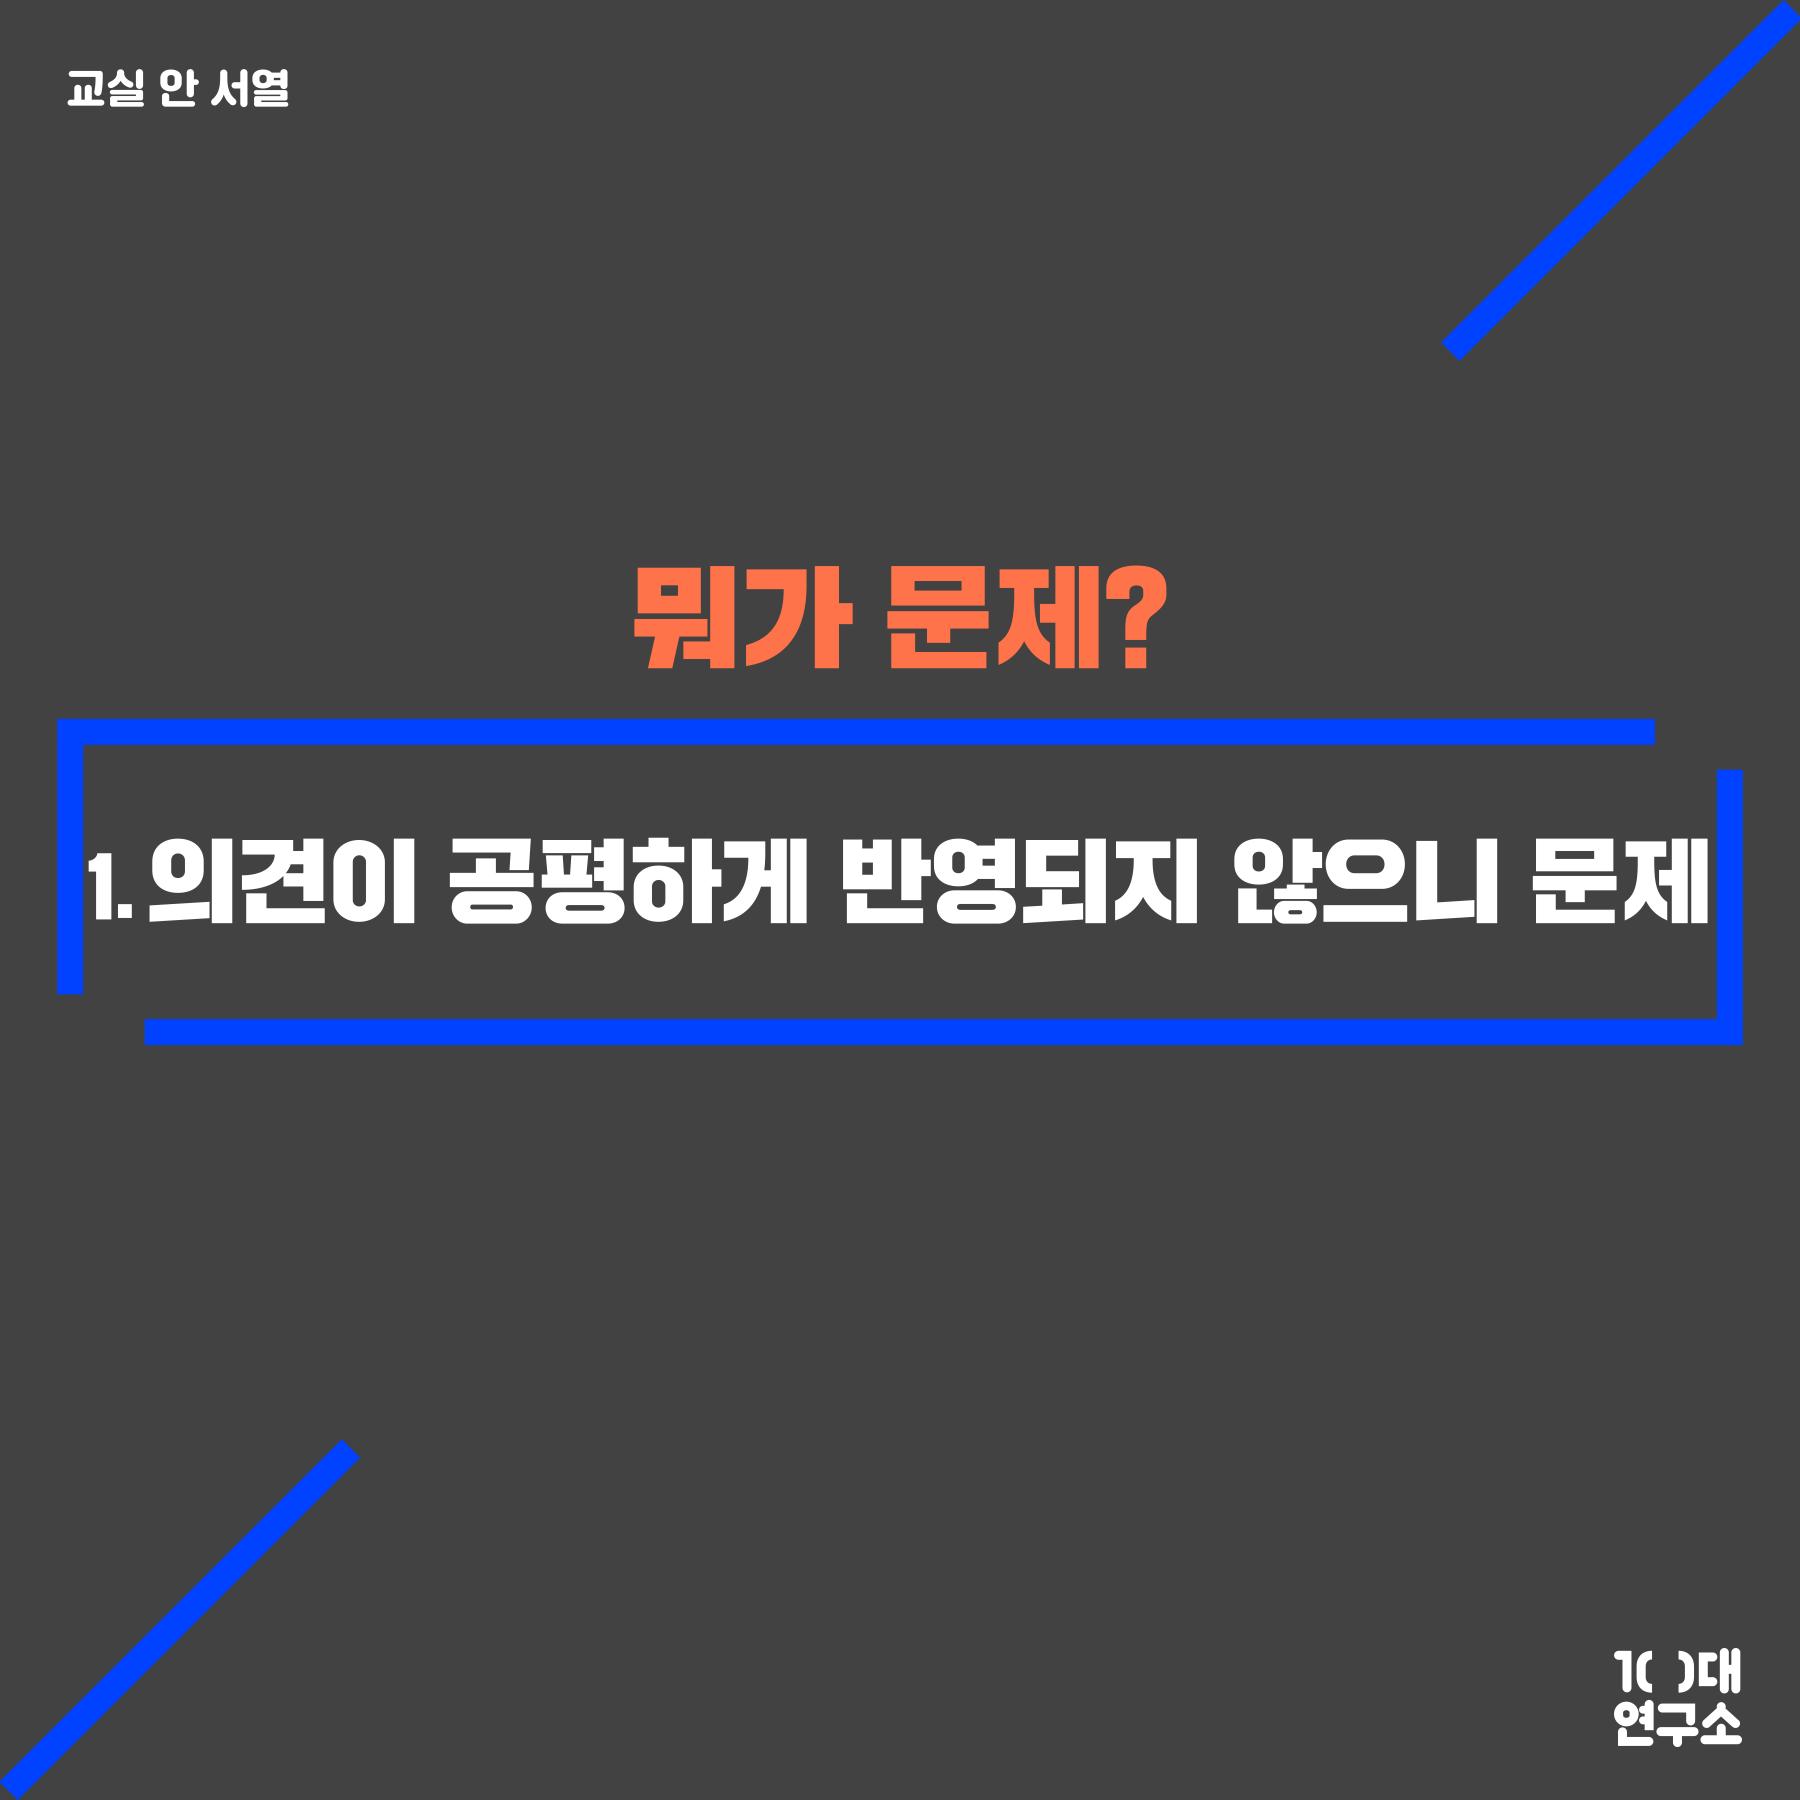 교실 안 서열_11.png